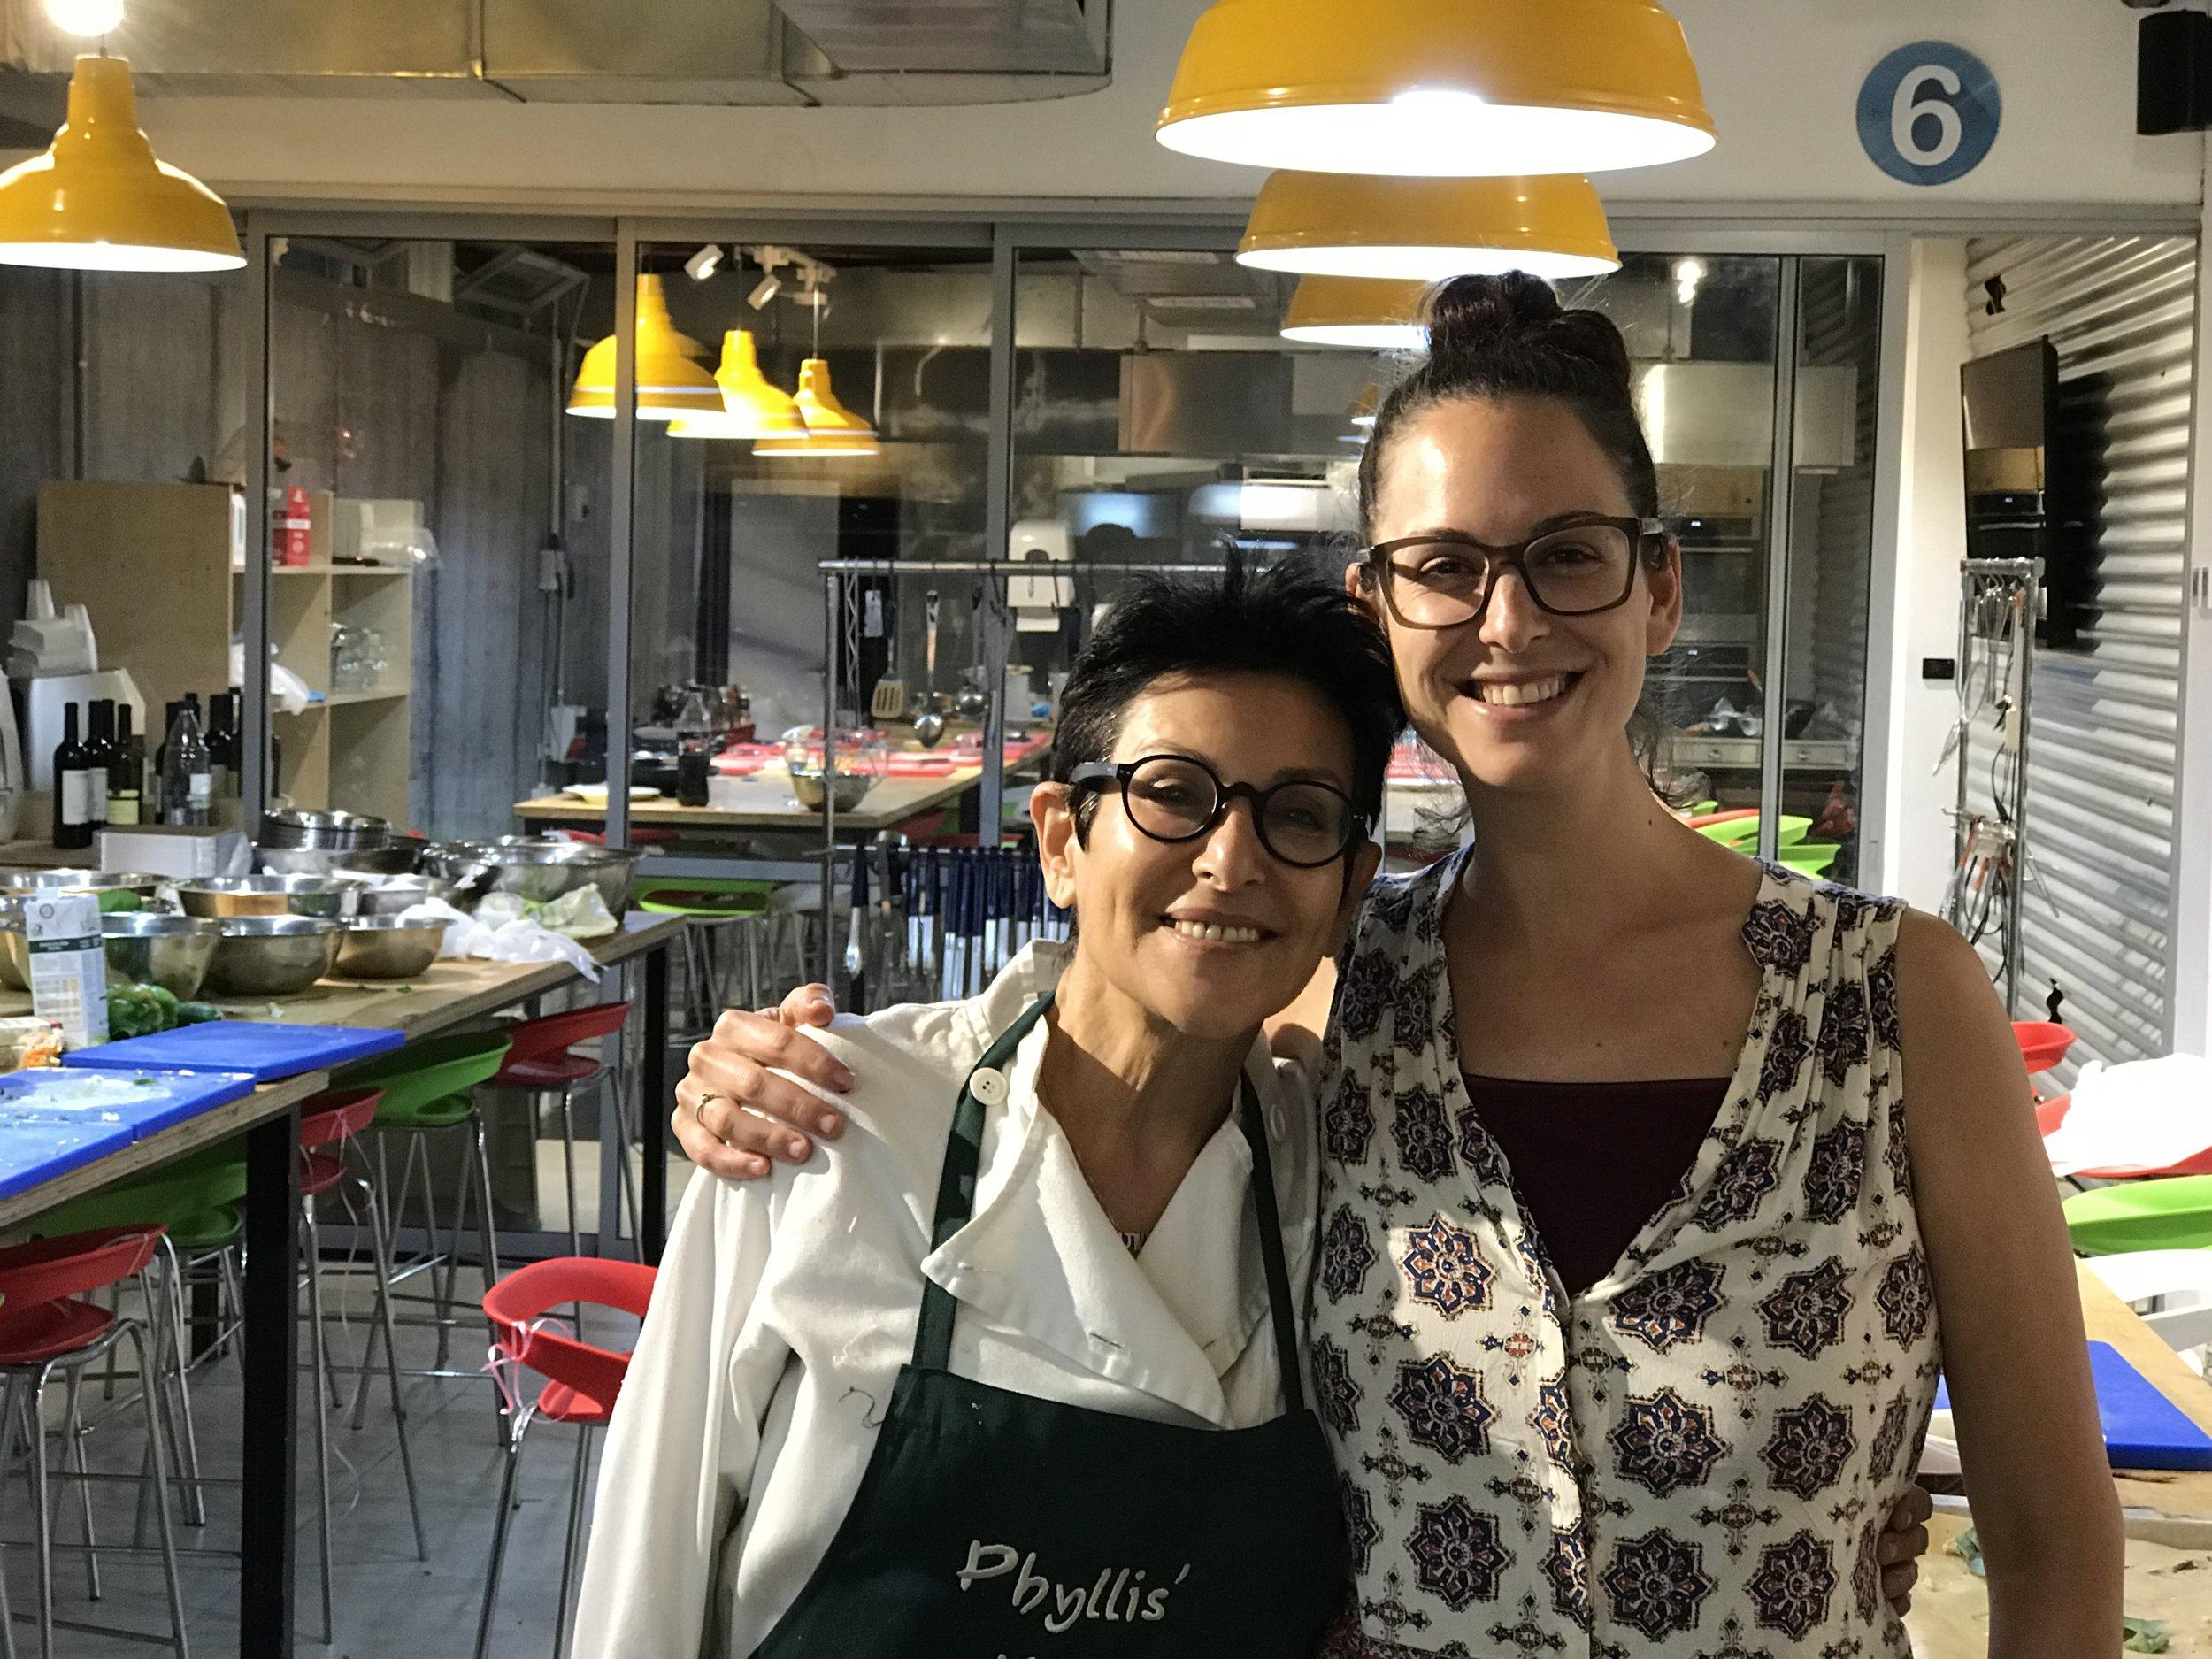 Chef Phyllis Glazer of Phyllis' Kitchen (Tel Aviv, Israel)